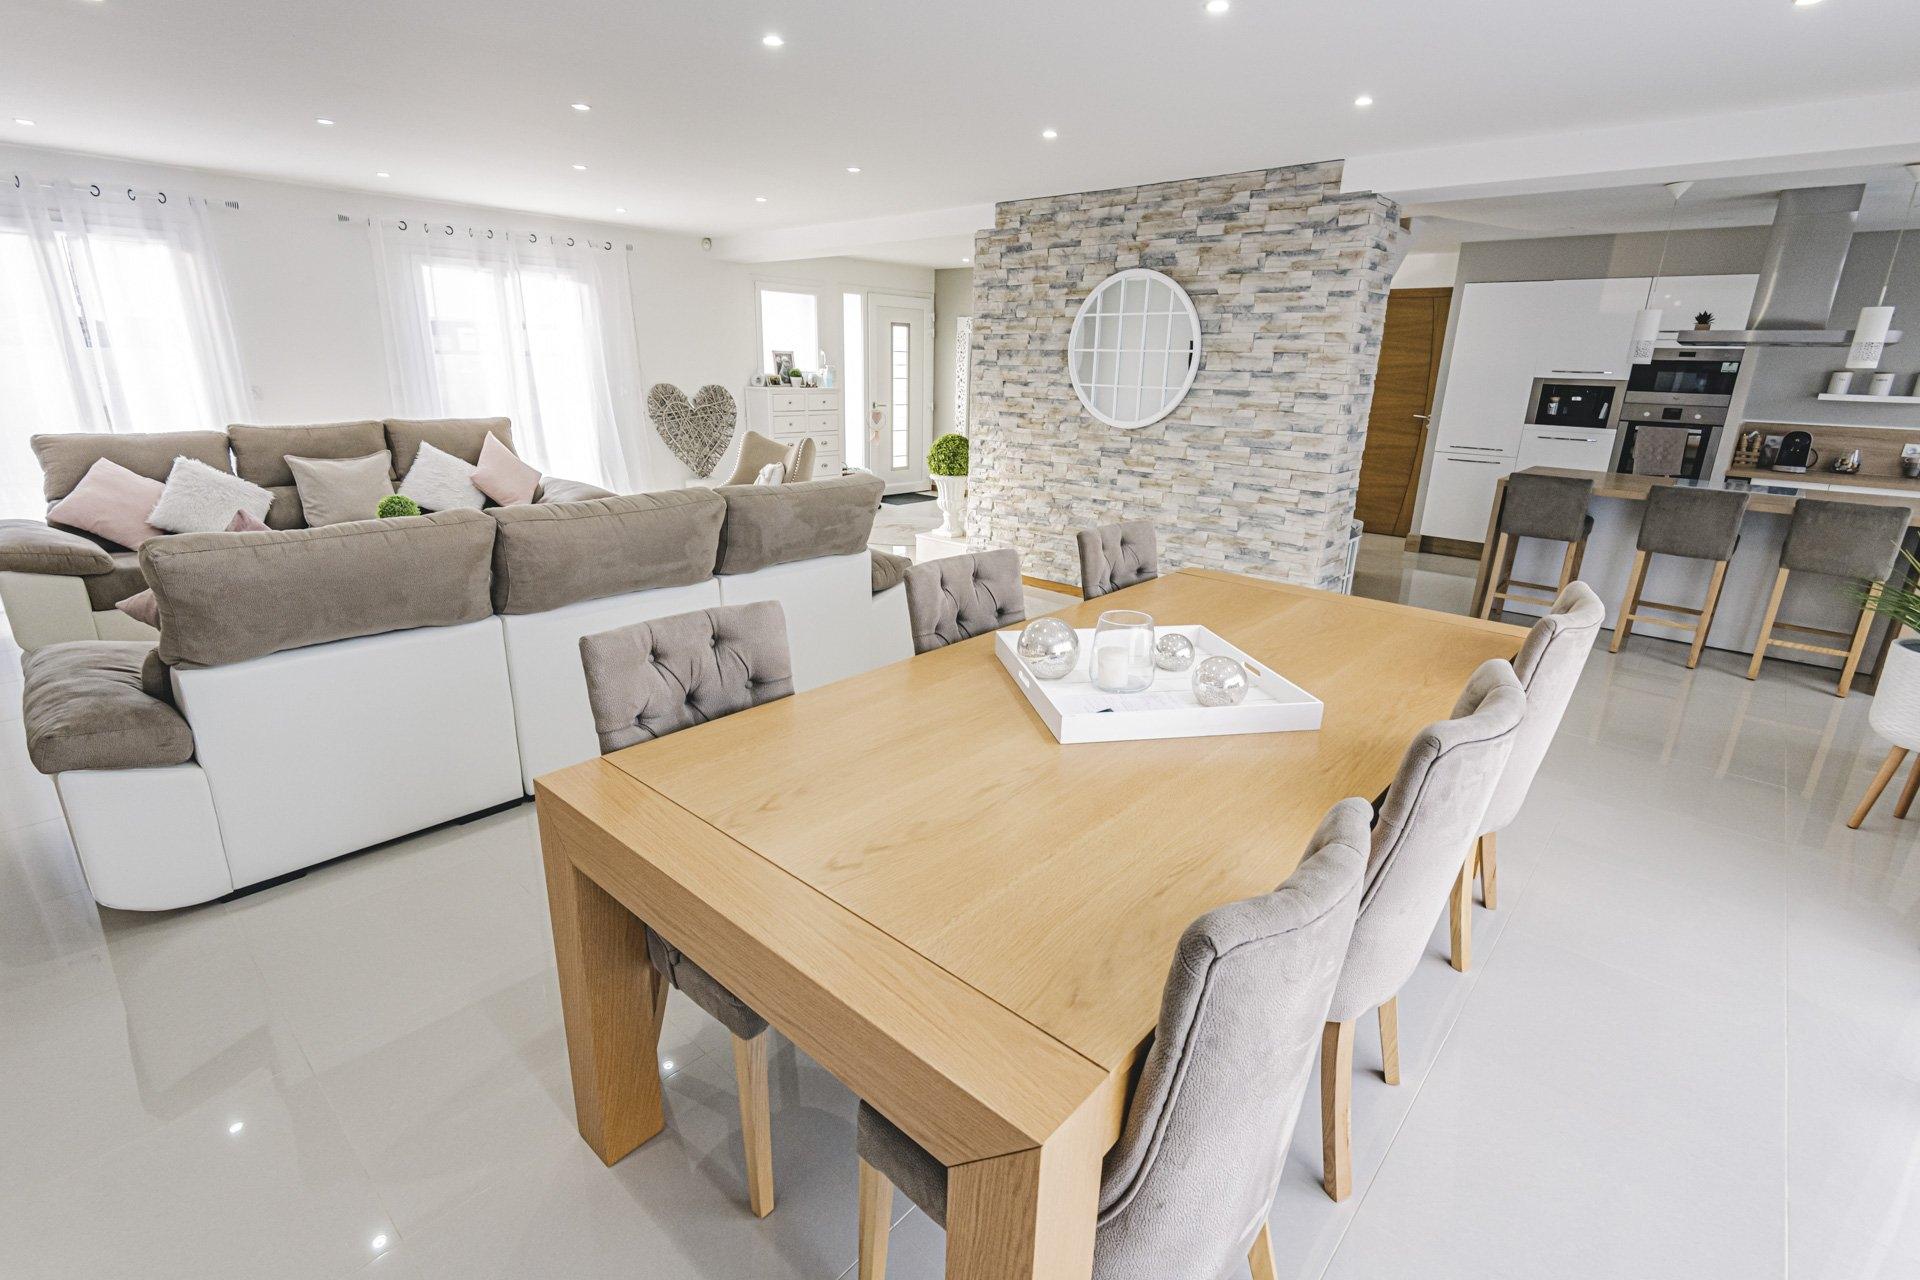 Maison Champigny 6 Pièces 160 m2 - 2